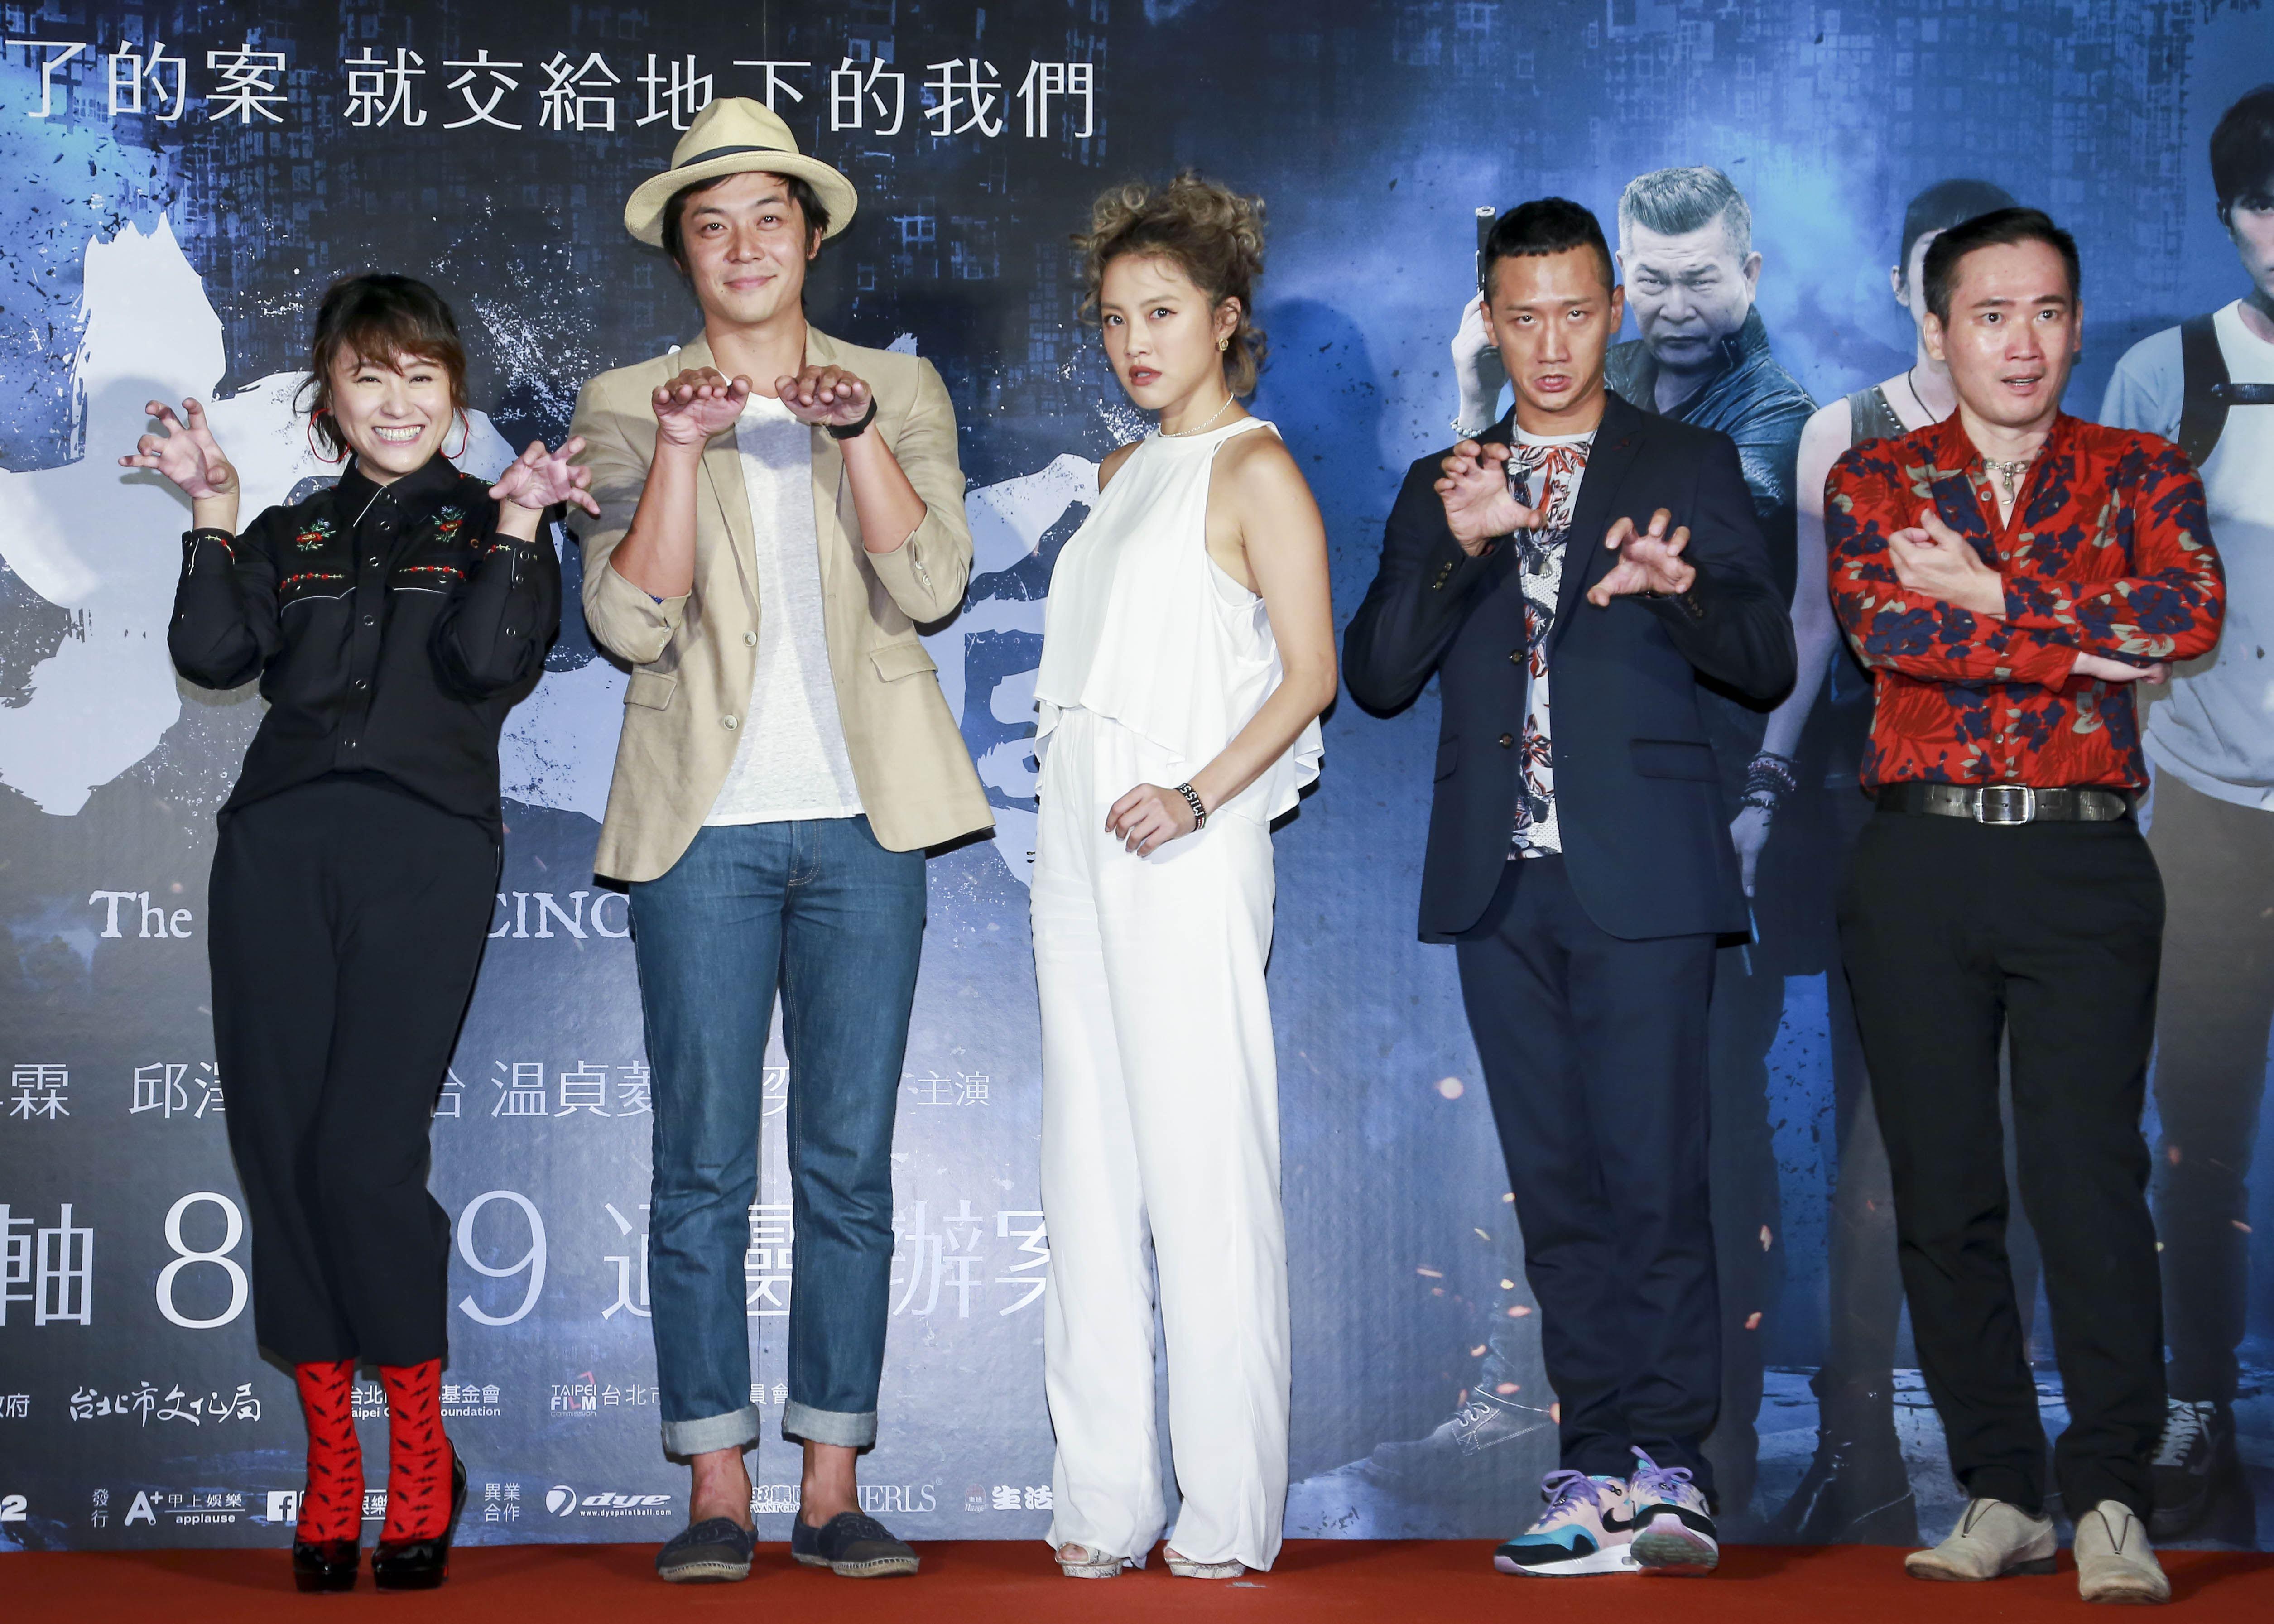 《第九分局》首映會,演員海裕芬、姚元浩、張允曦、高英軒、應蔚民。(圖/記者林士傑攝影)